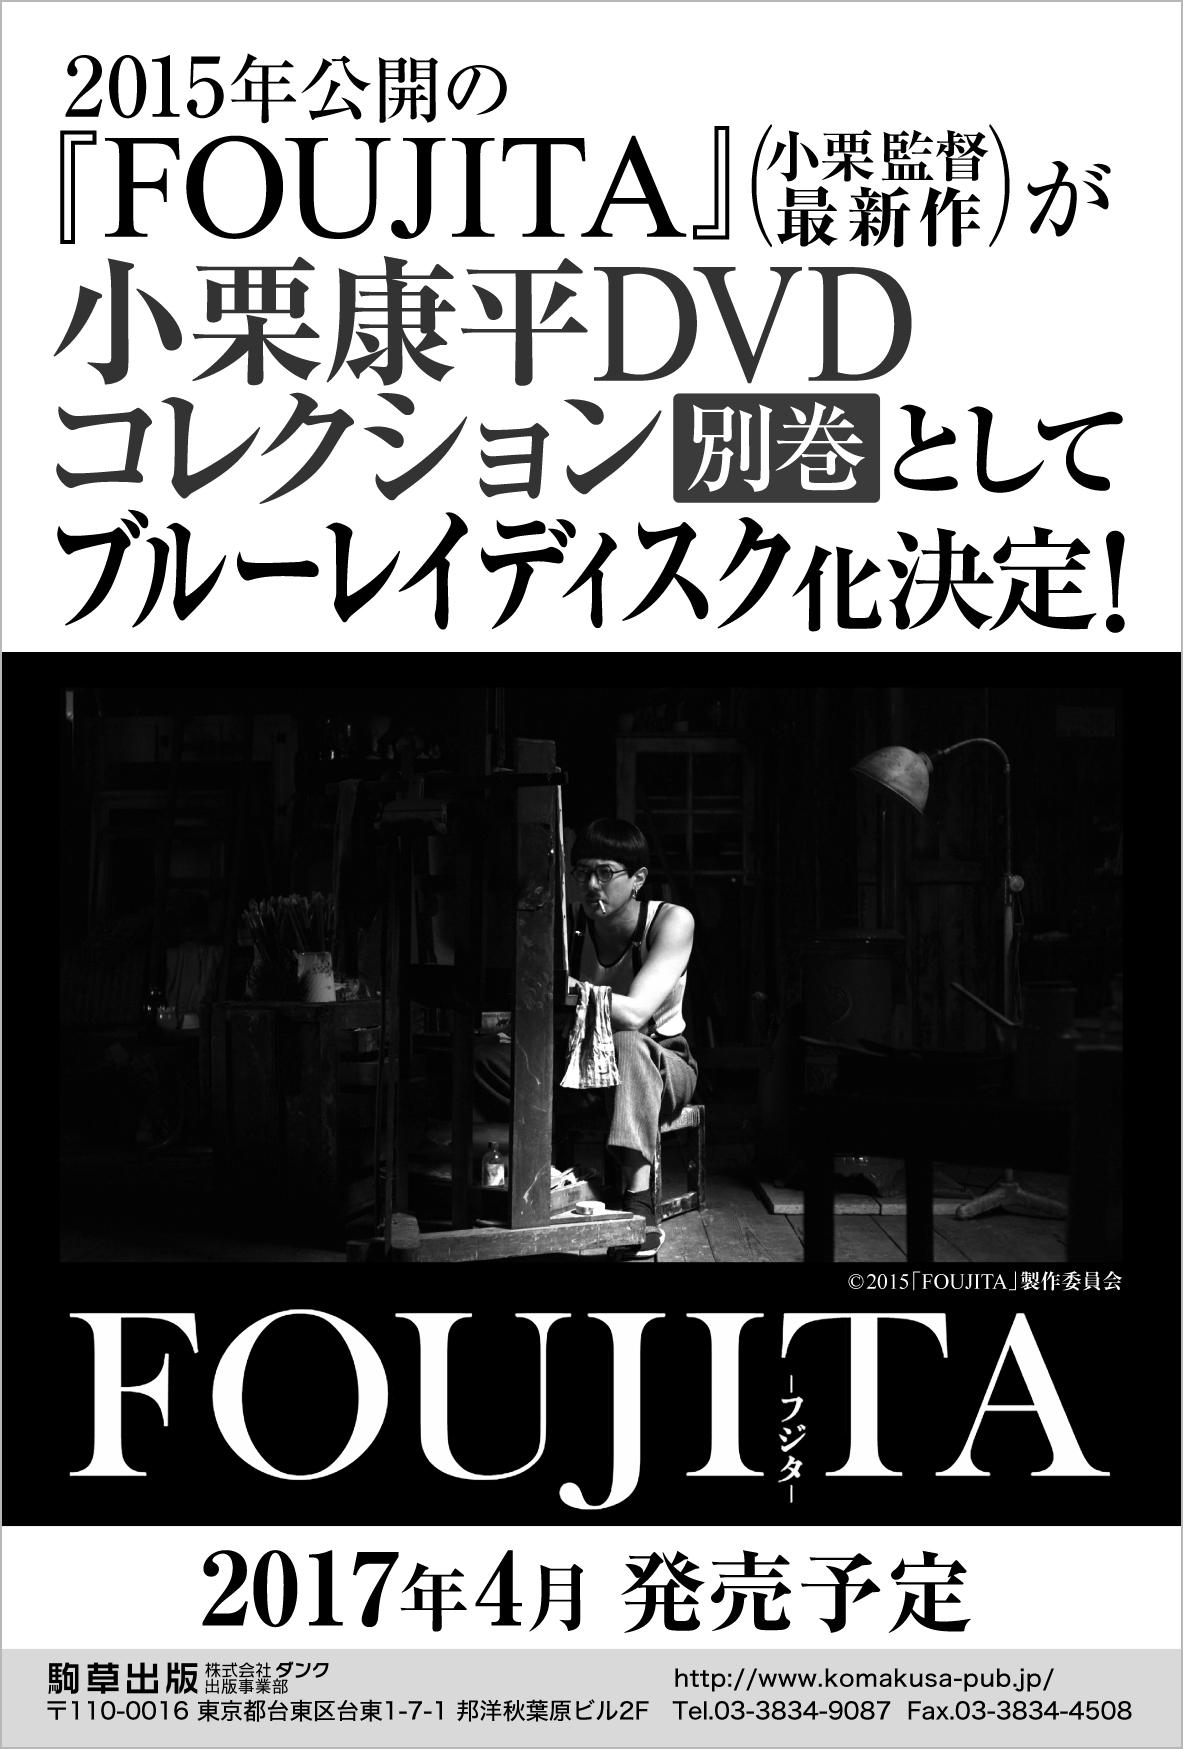 foujita_bd